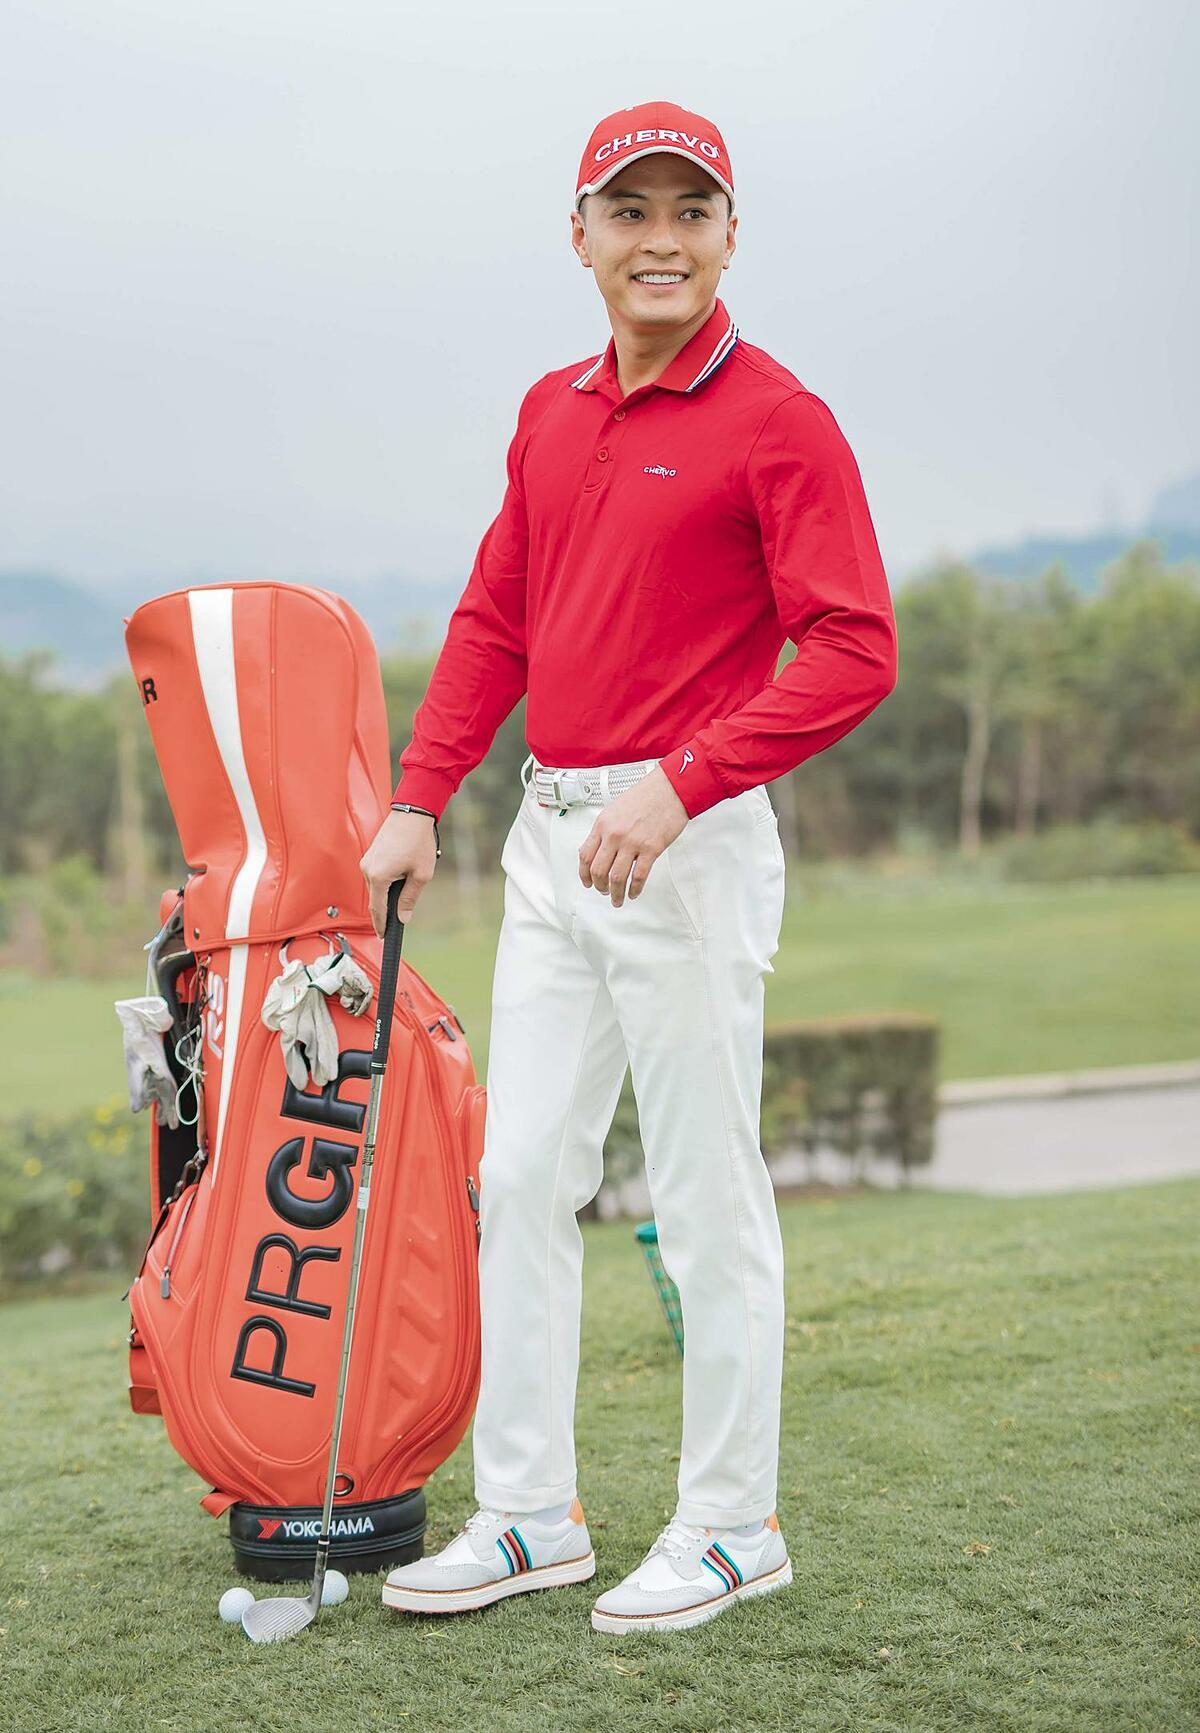 Hồng Đăng khẳng định, thời trang Chervo giúp anh tự tin, hoàn hảo hơn về phong cách trên sân golf.